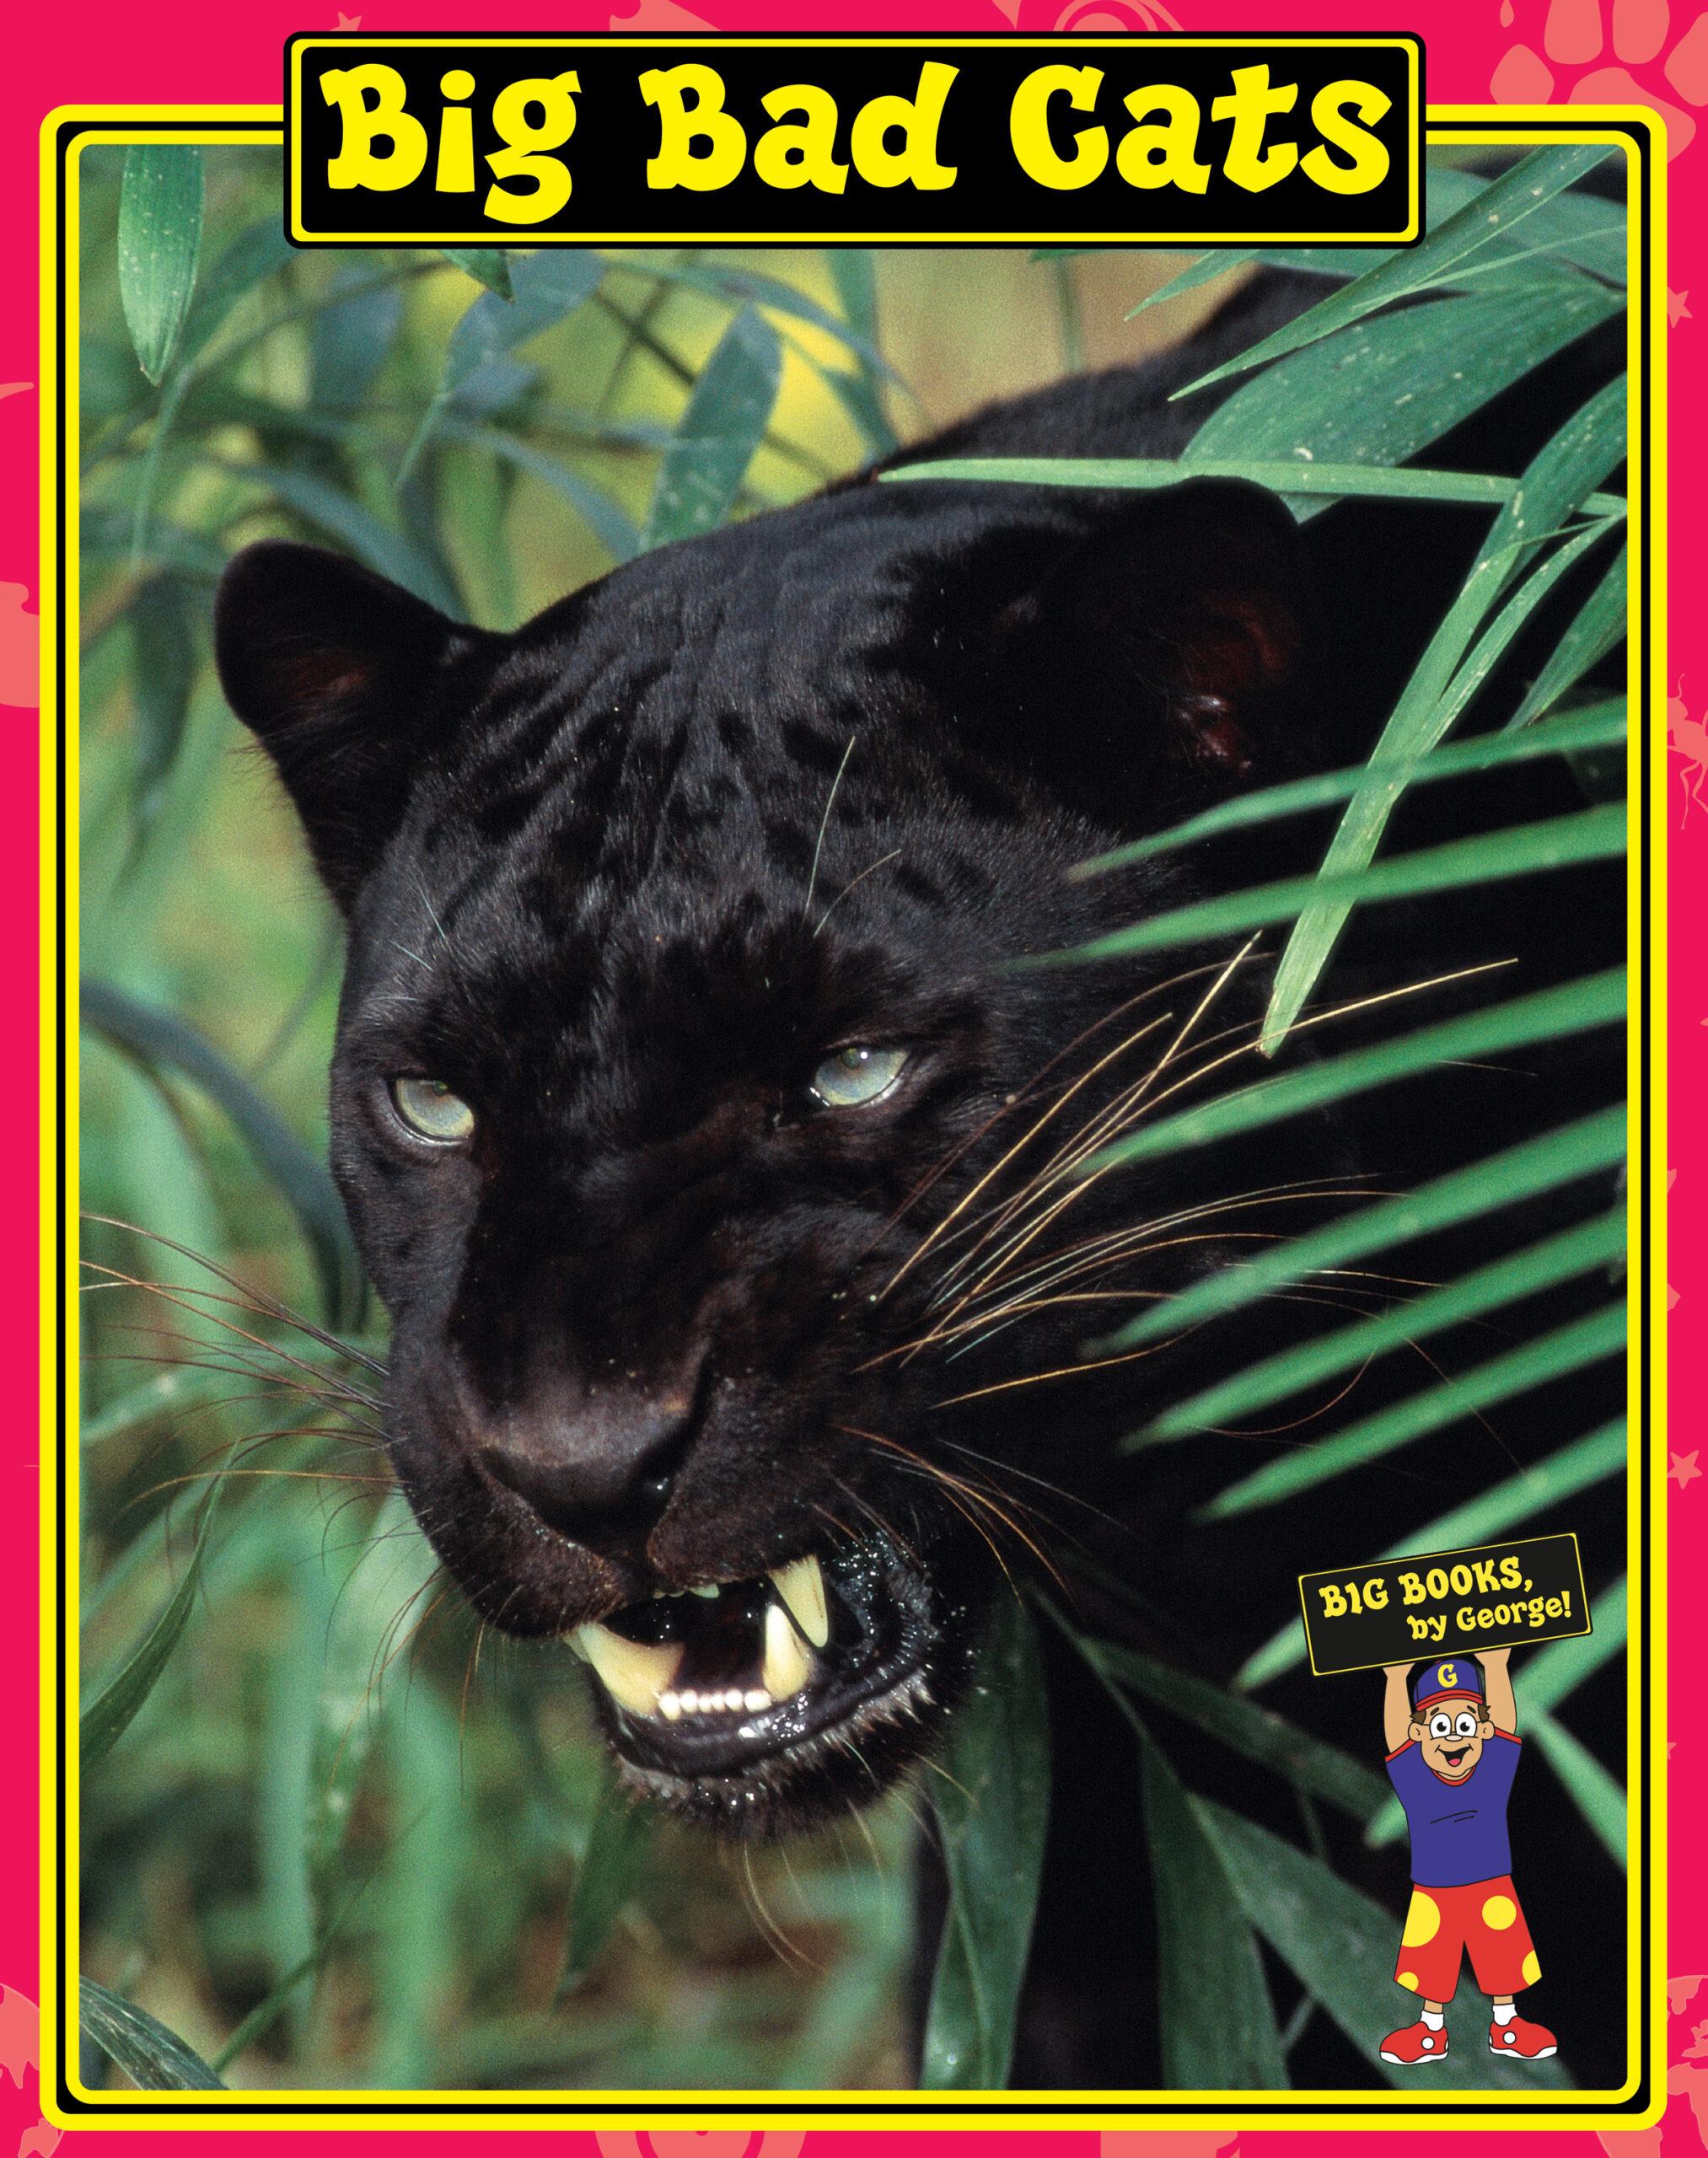 Big Bad Cats